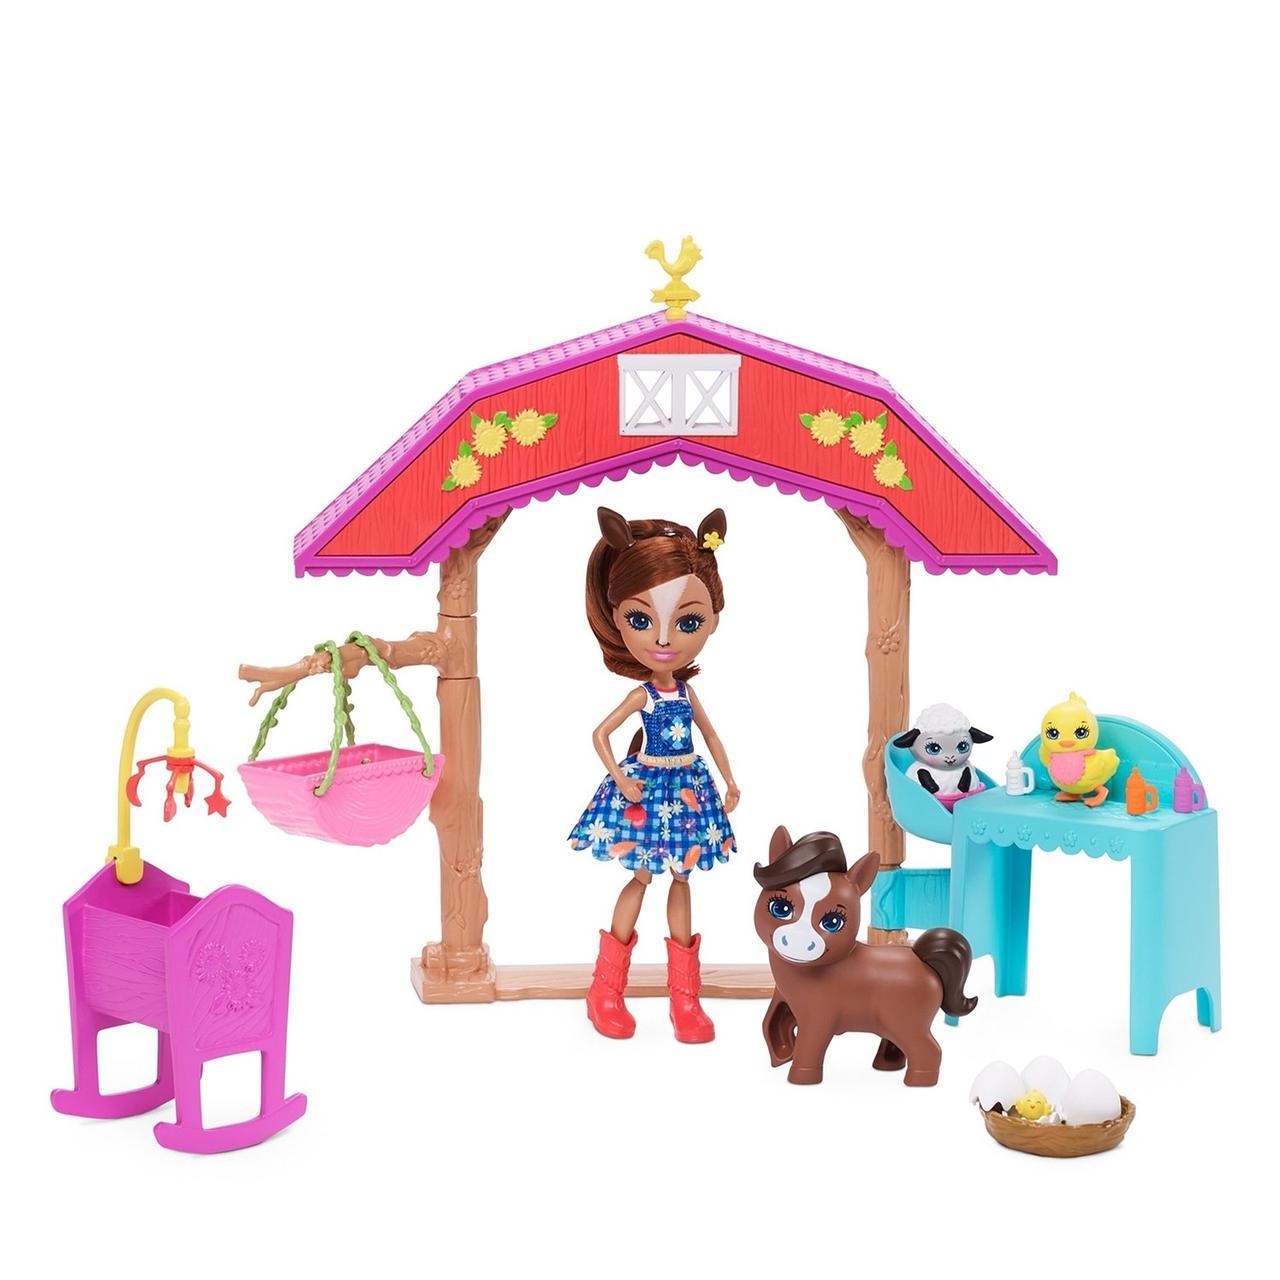 Enchantimals Игровой Набор Энчантималс GJX23 Детский сад для жеребят Хейди Хорс - фото 2